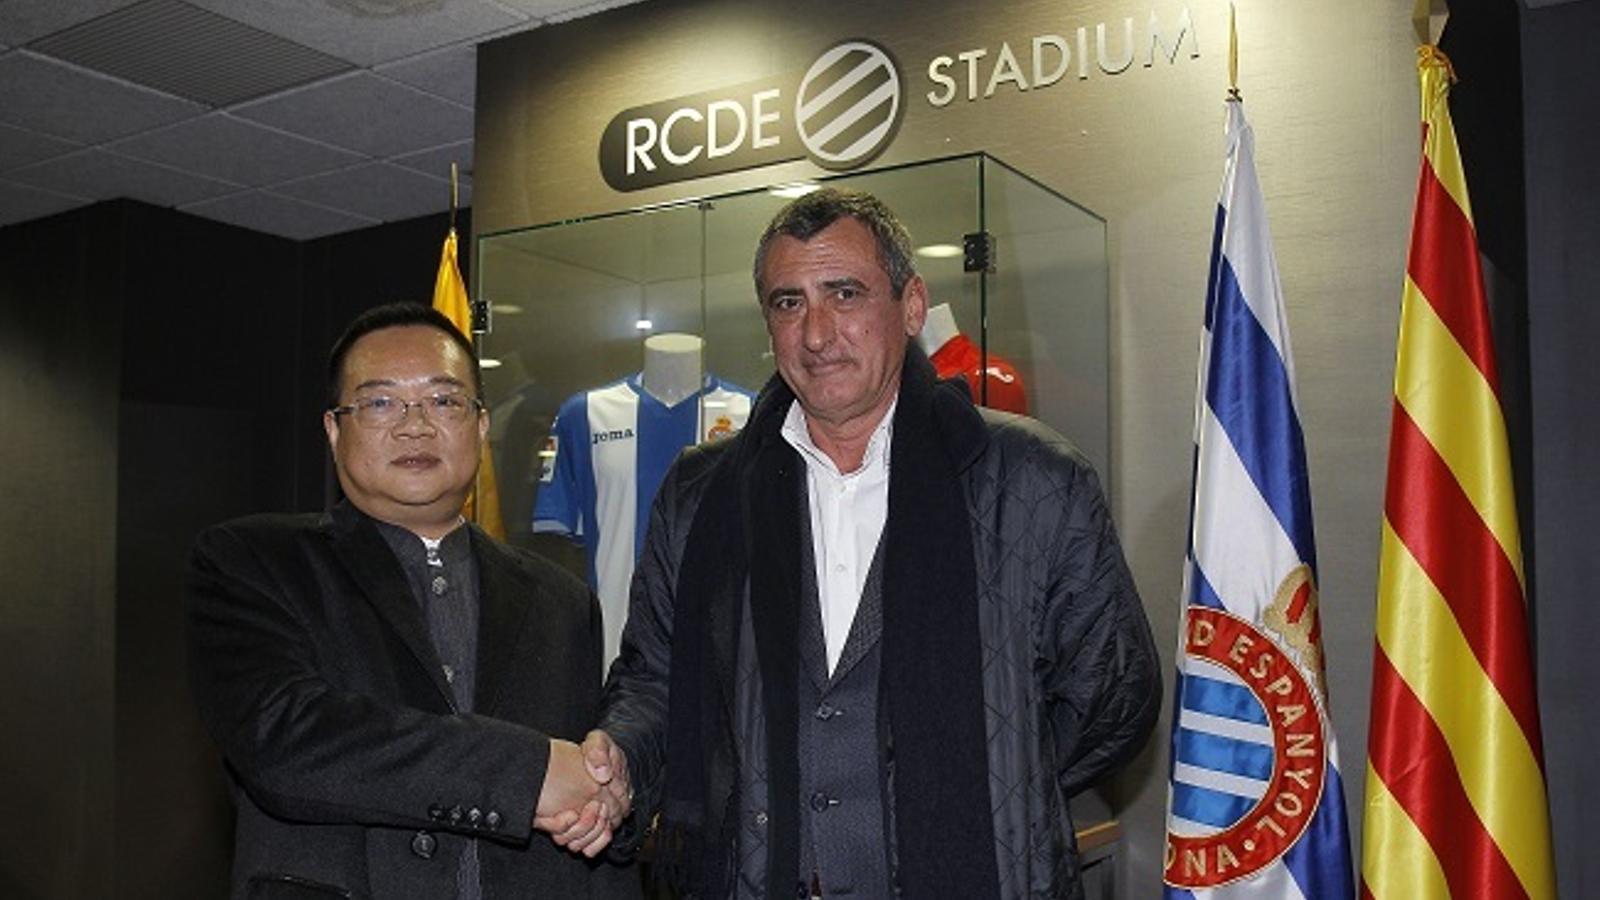 Chen Yansheng i Sergio Oliveró, en una trobada al RCDE Stadium